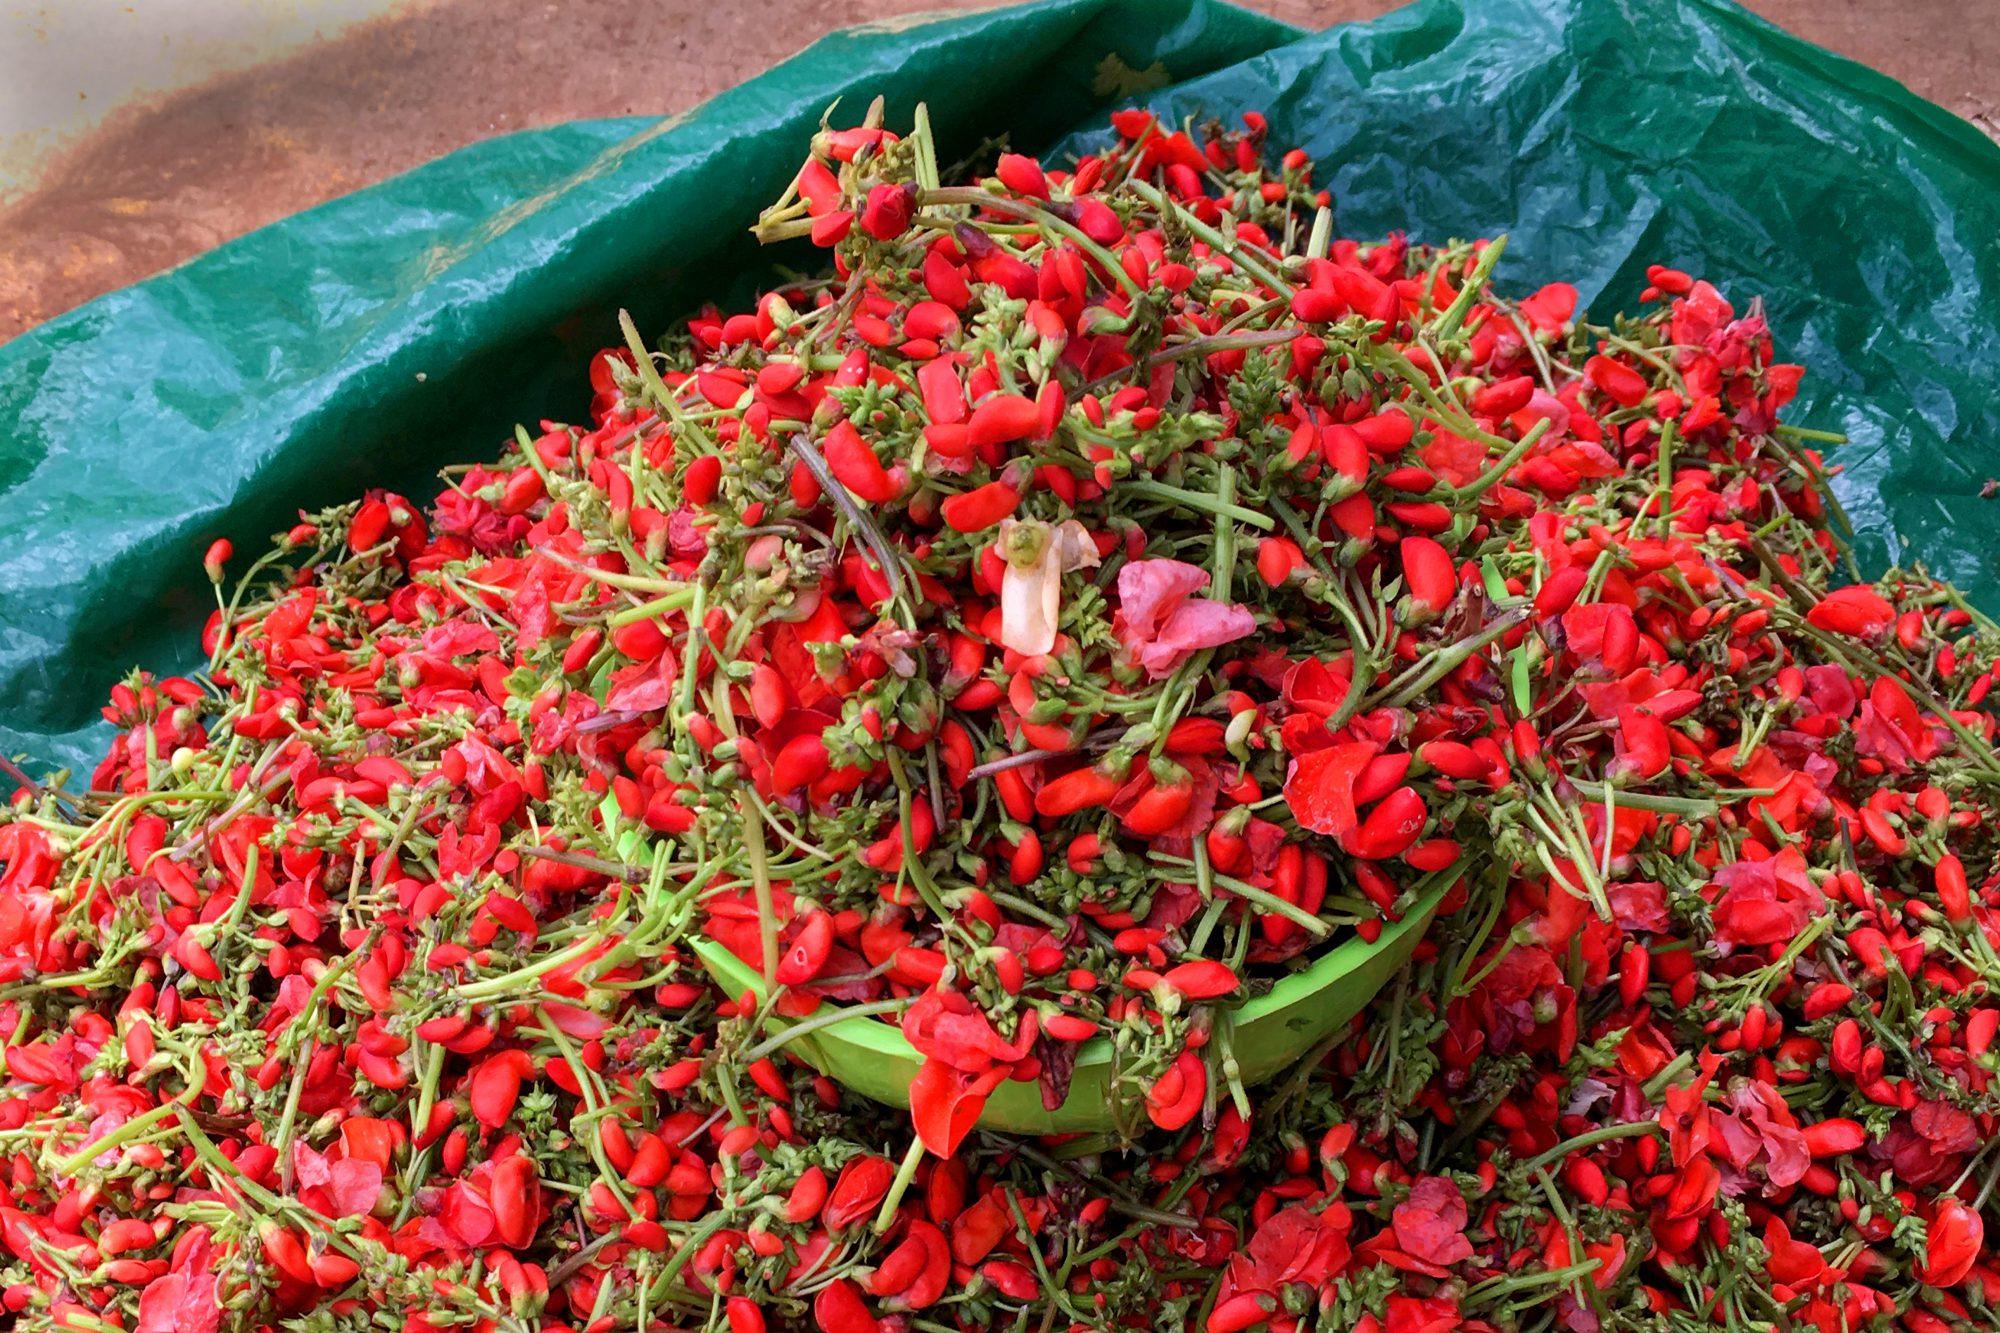 Flor de bótil for sale at market in San Cristóbal de las Casas, Chiapas.